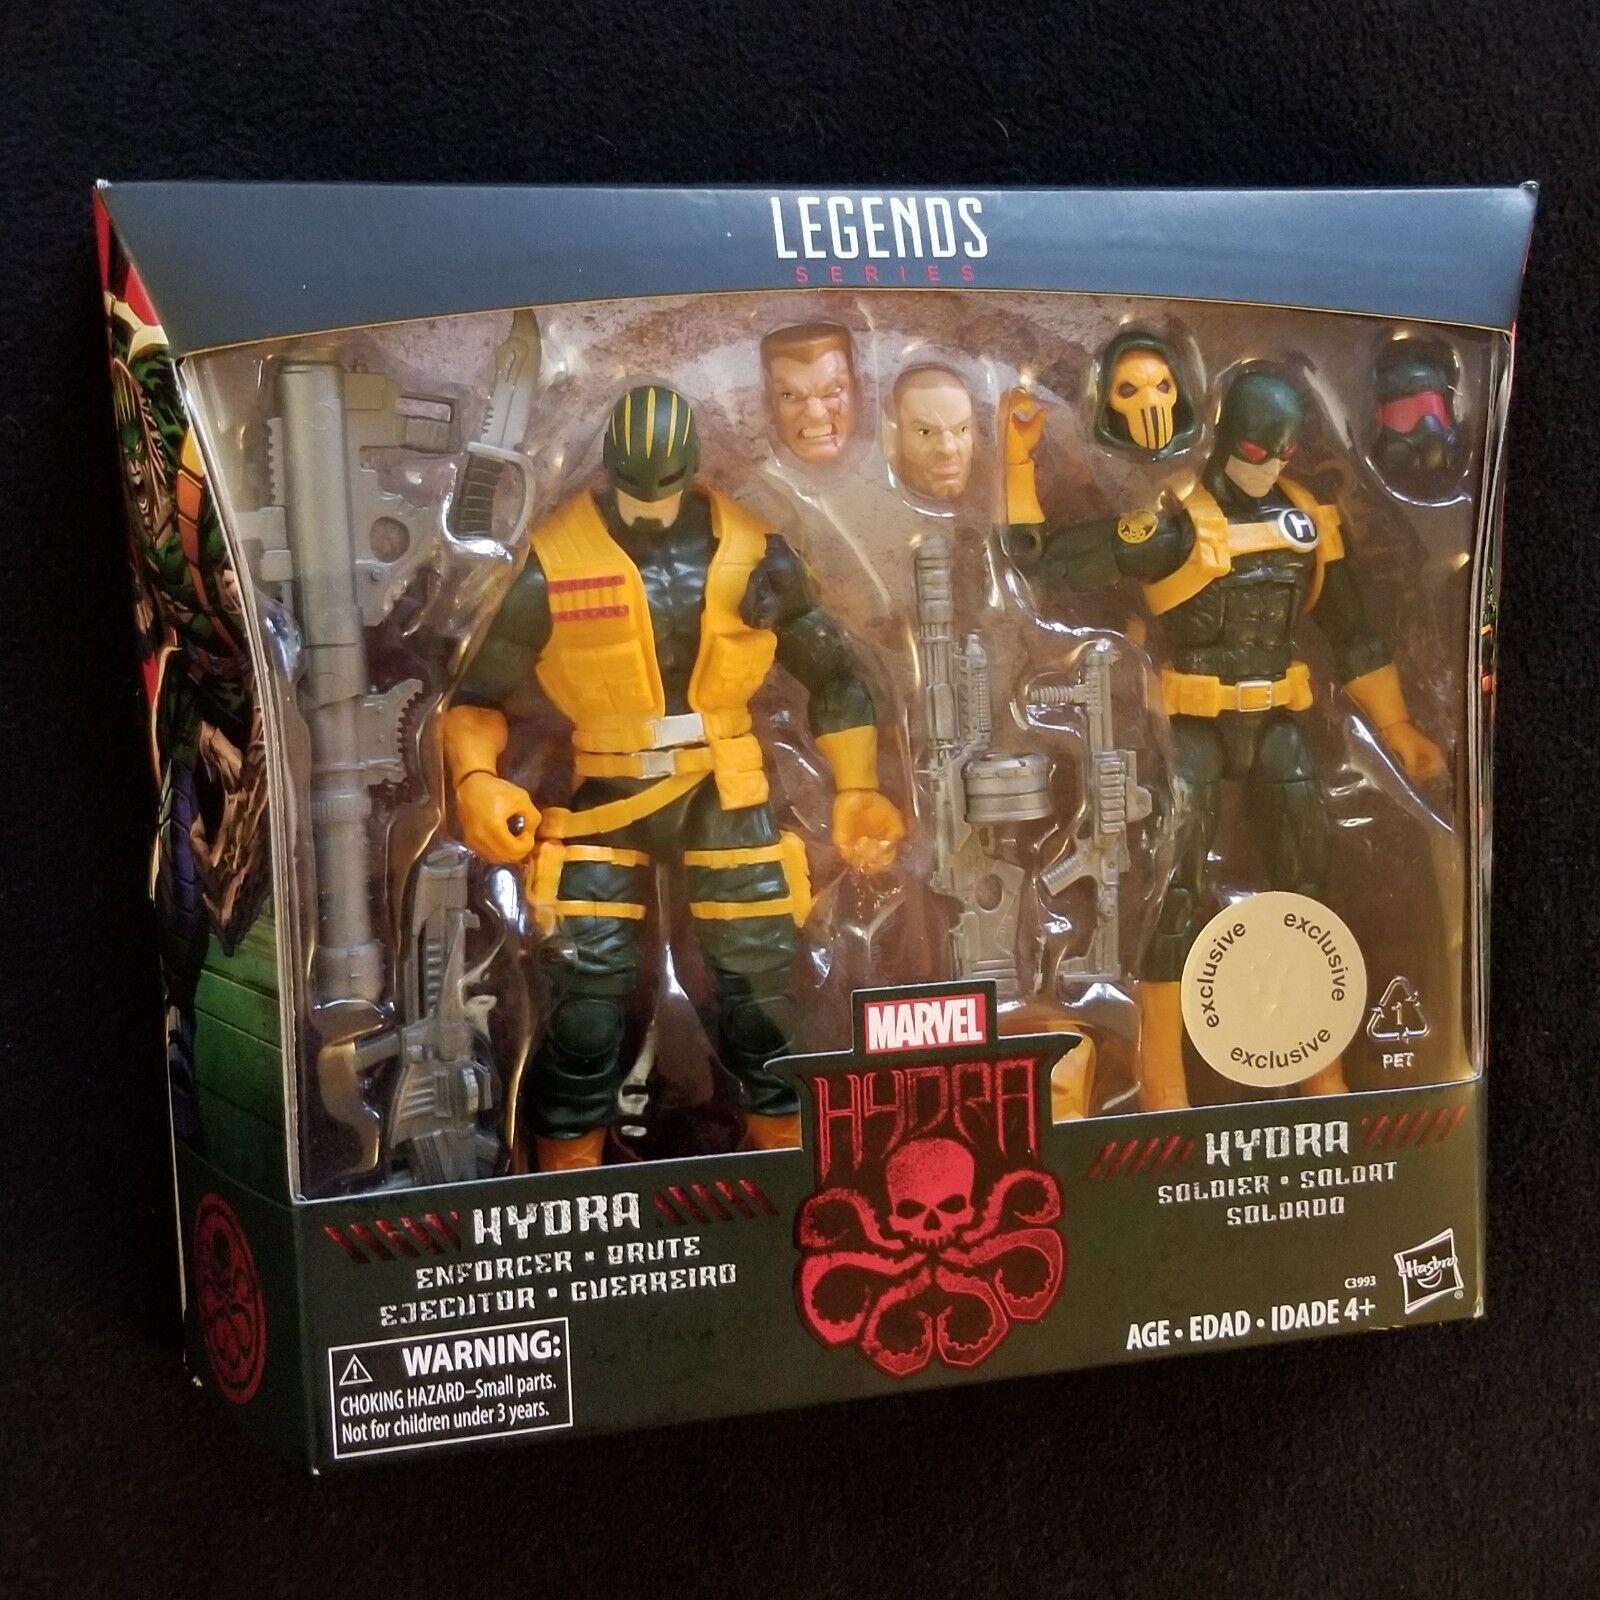 Marvel Legends HYDRA SOLDIER & ENFORCER Toys R Us 2PK TRU Figure Set